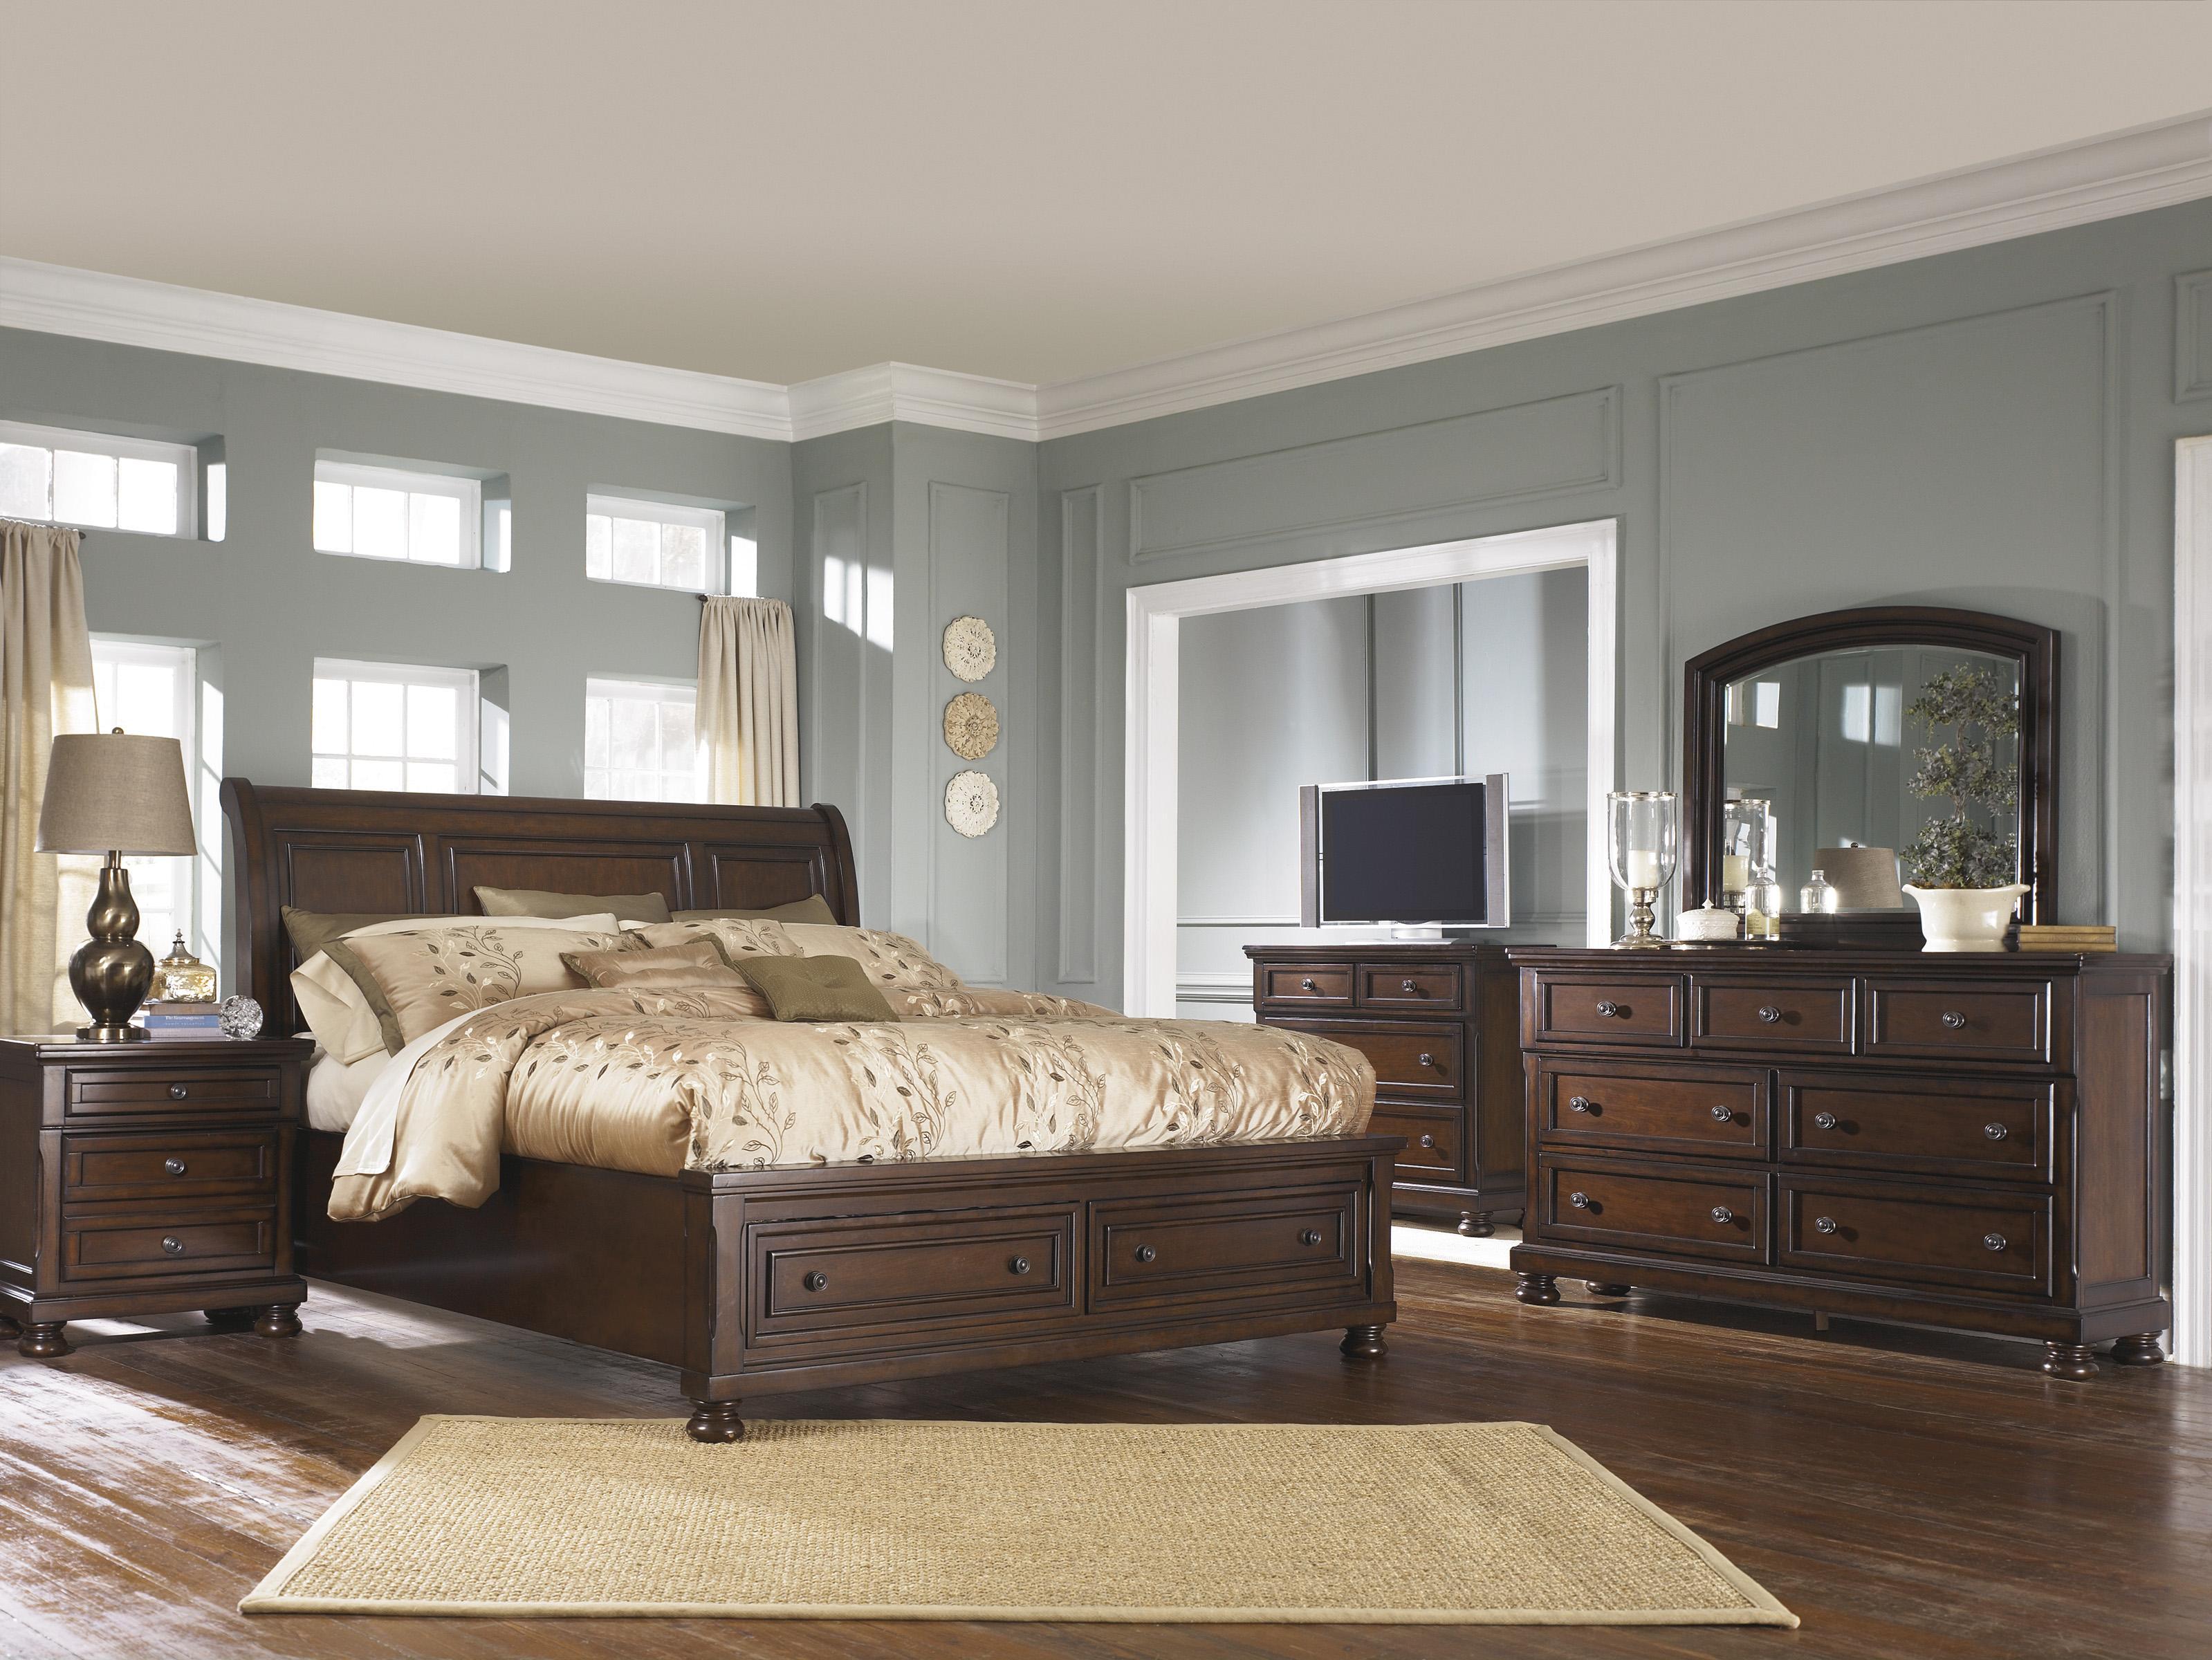 Bedroom Set Cavallino Bedroom Set : Home Bedroom Groups Flexsteel Wynwood  Collection Bali Queen Bedroom .